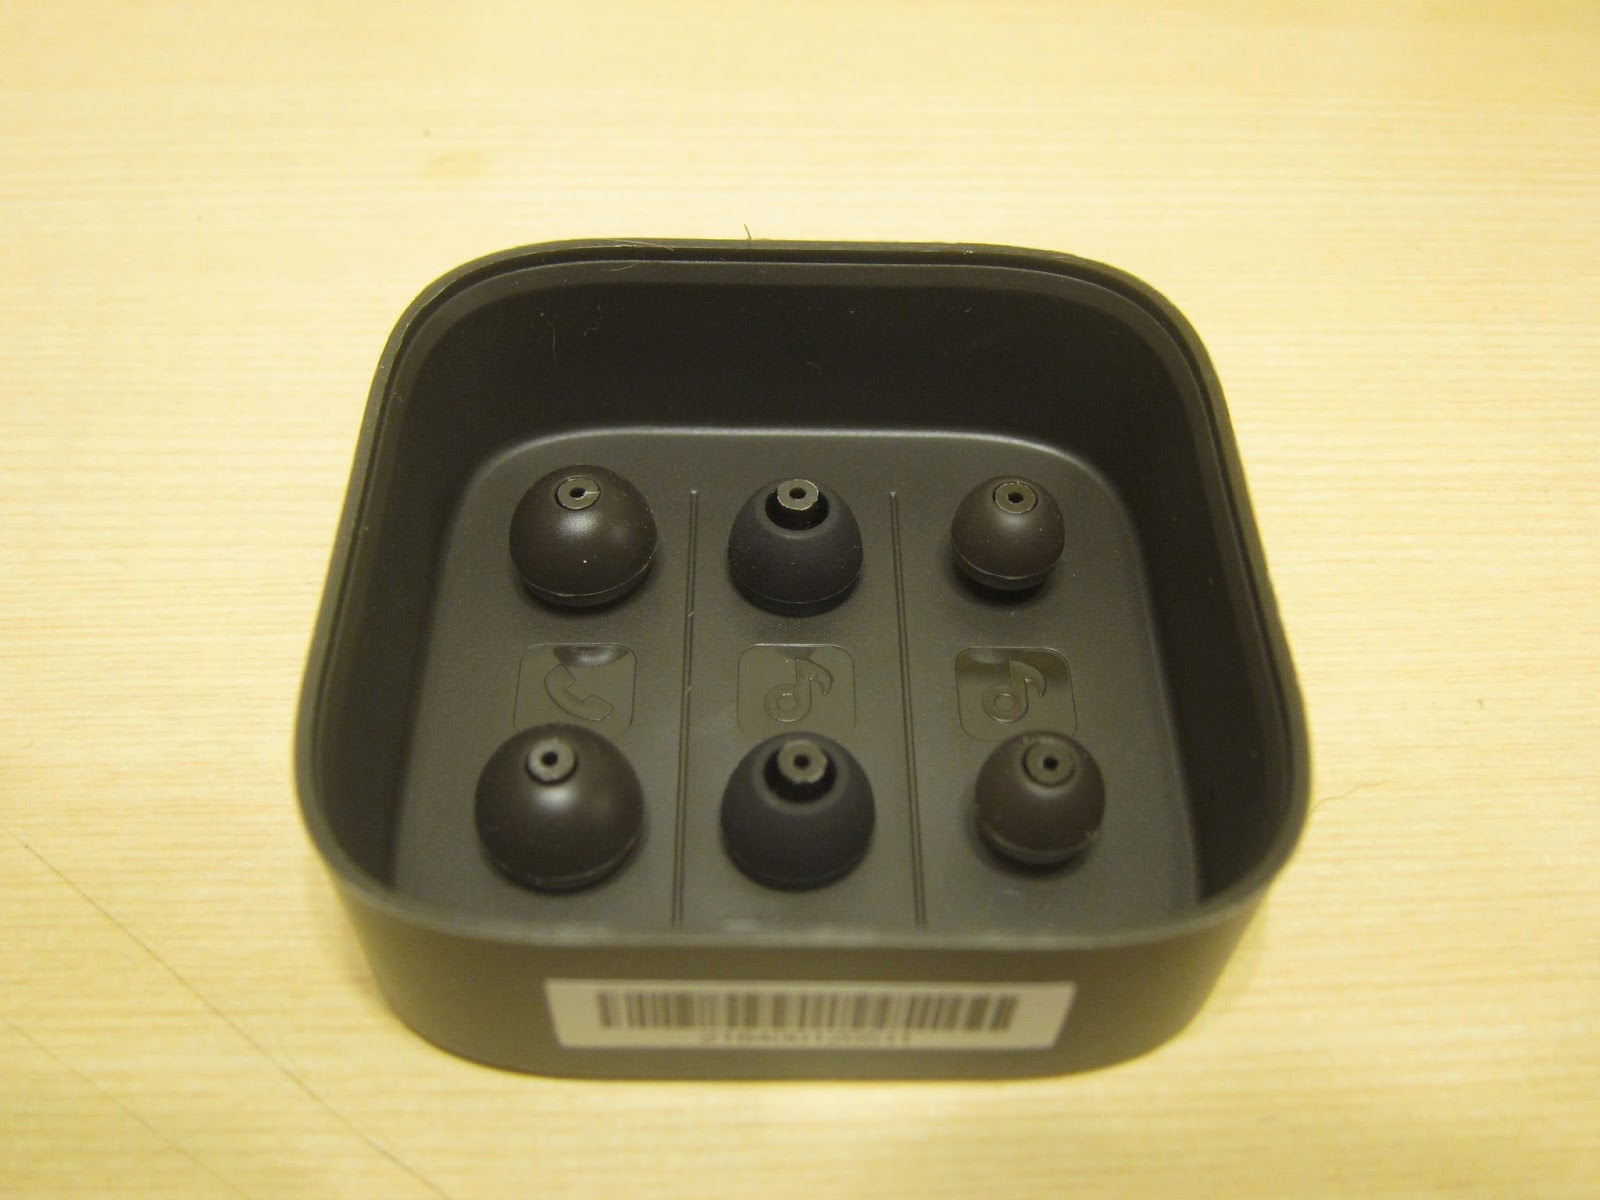 IMG 2302 - [開箱] 聽歌神器?新小米活塞耳機 $495 入手!